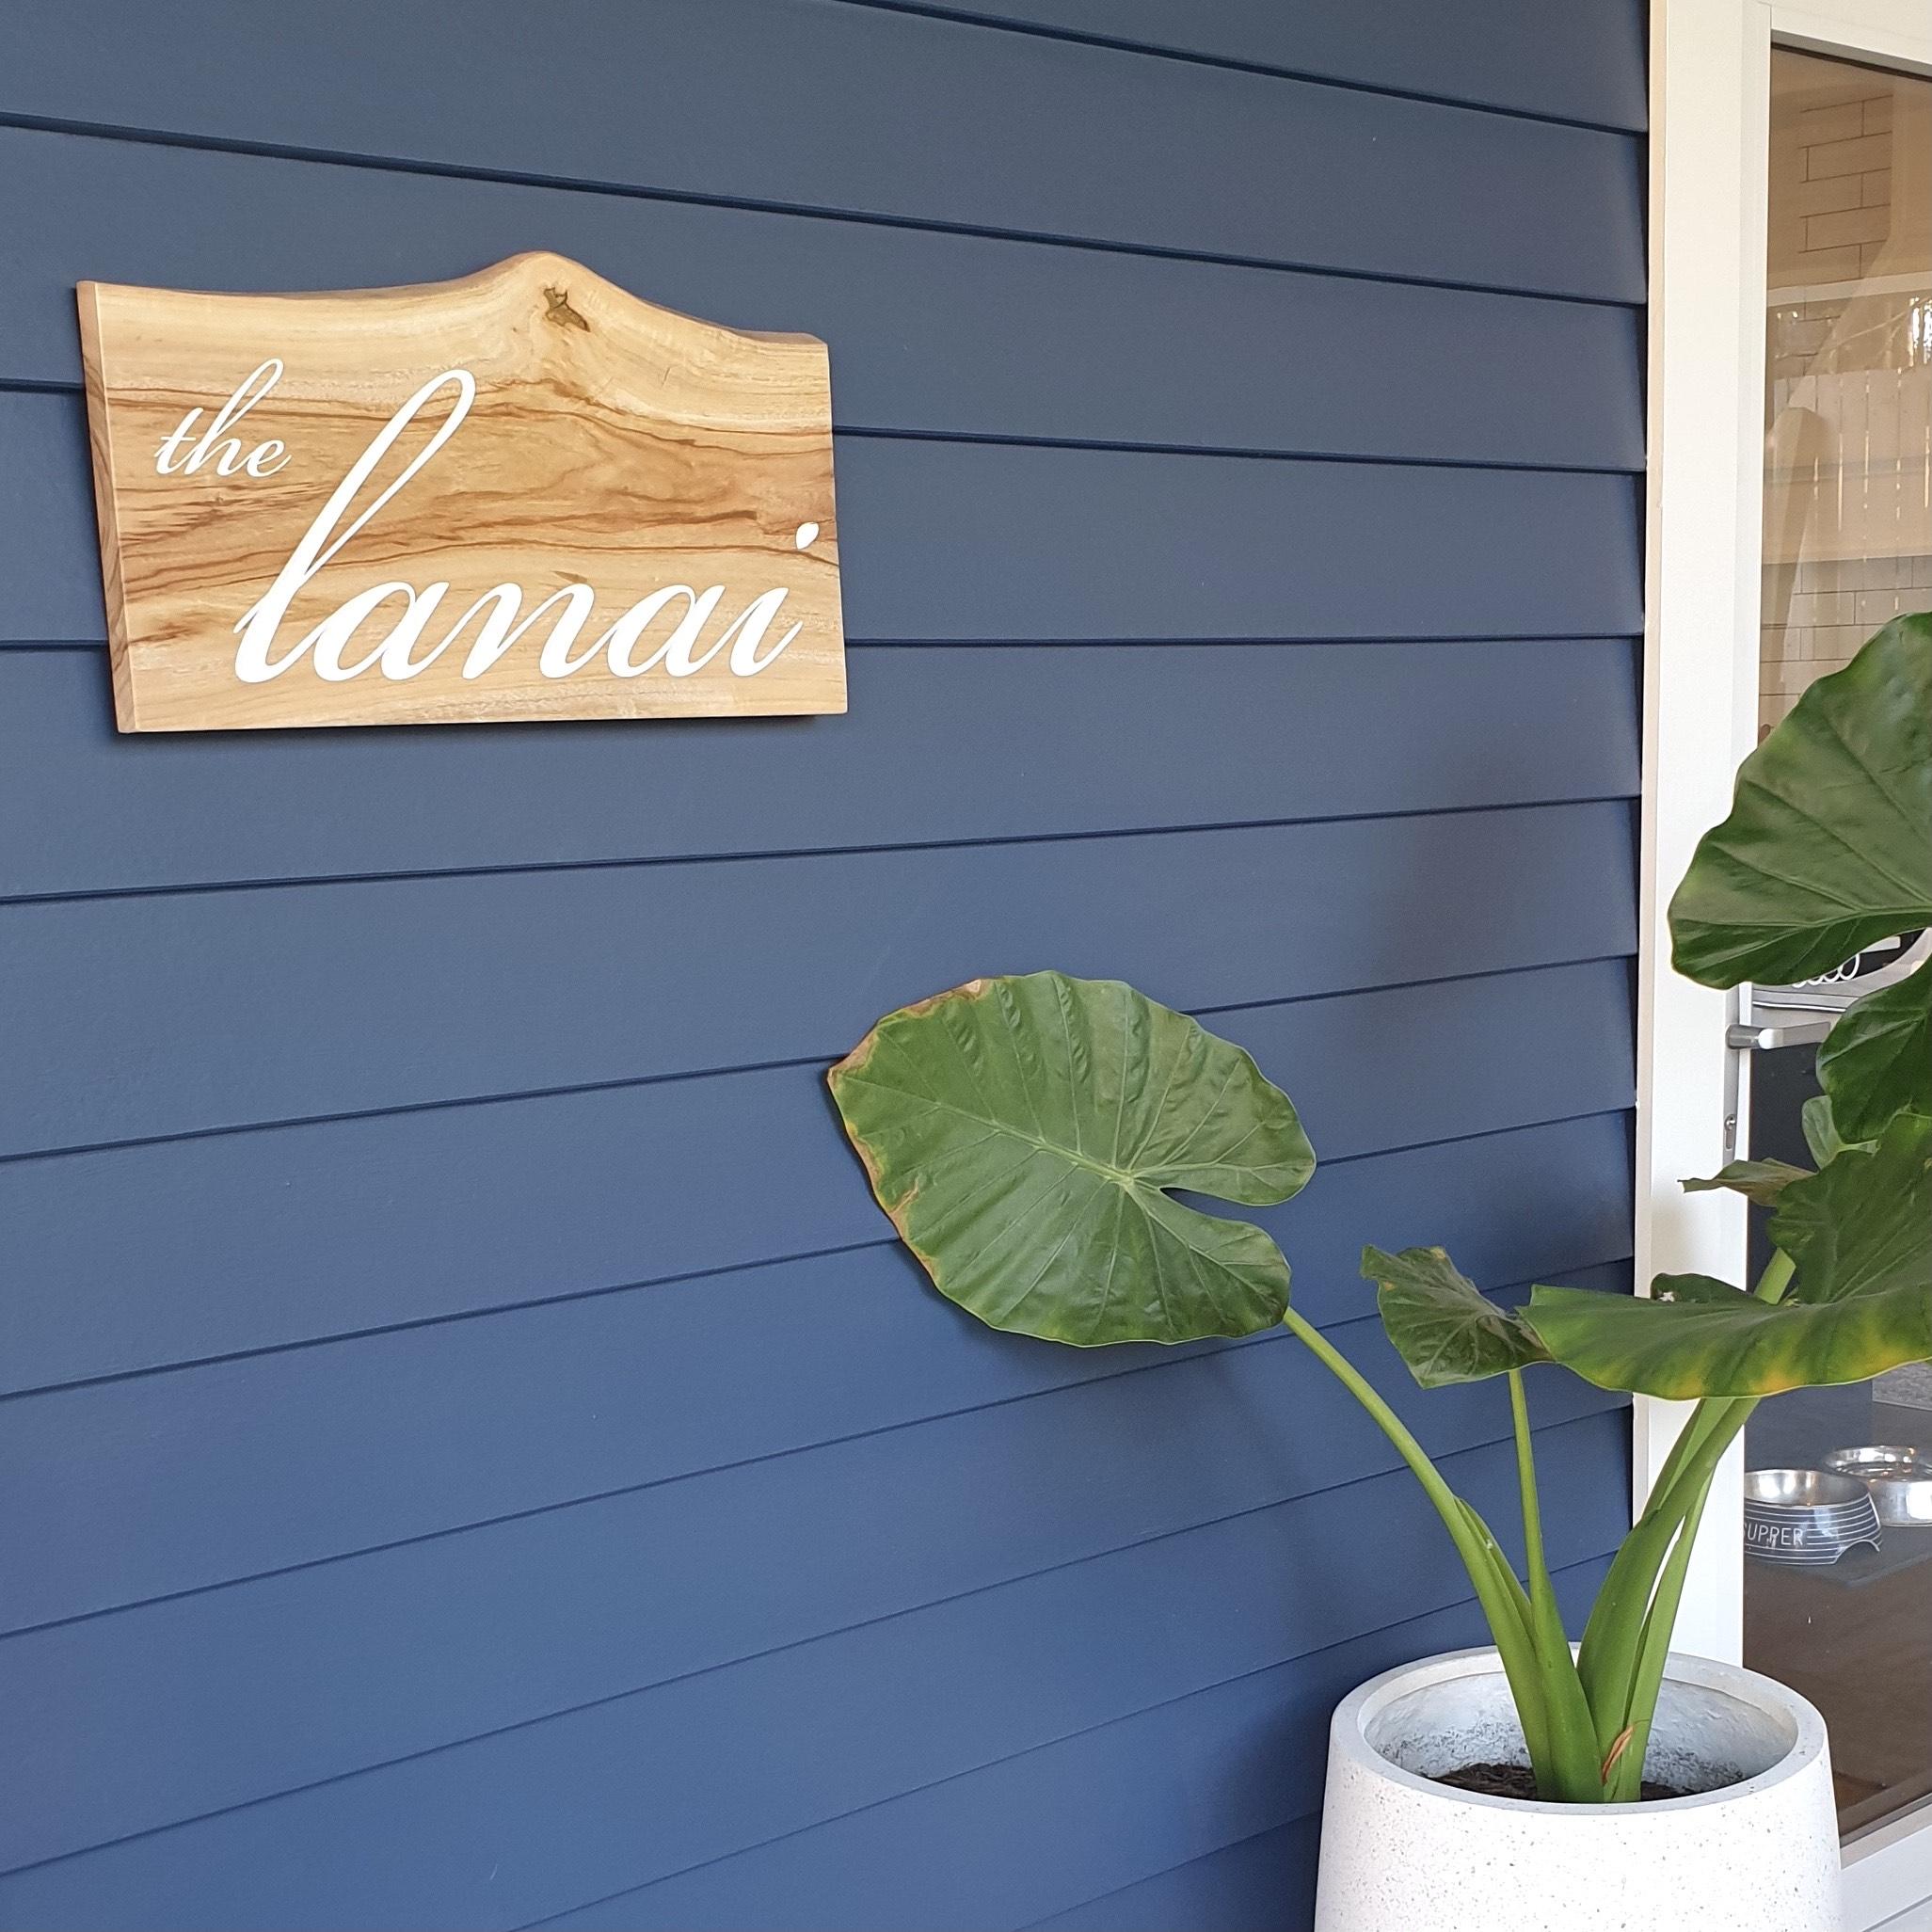 Camphor Laurel Sign - The Lanai